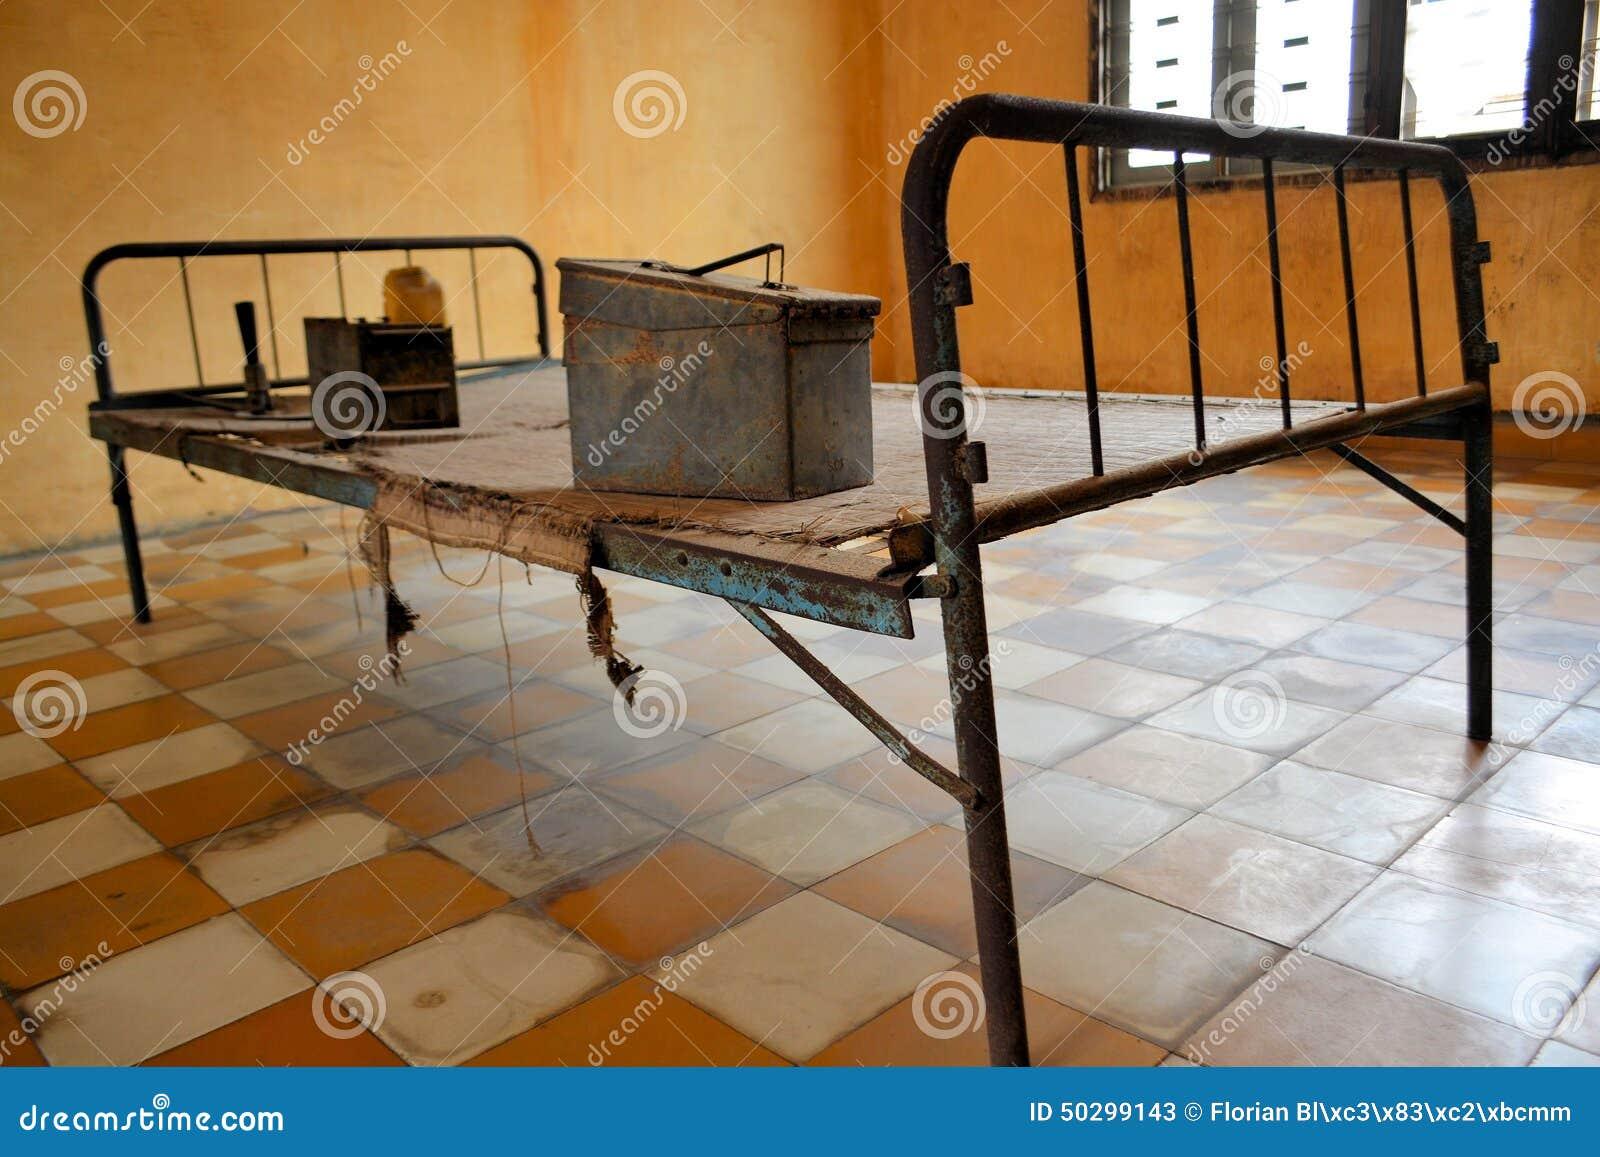 Letto khmer di tortura di ricerca in cella di prigione - Famoso letto di tortura ...